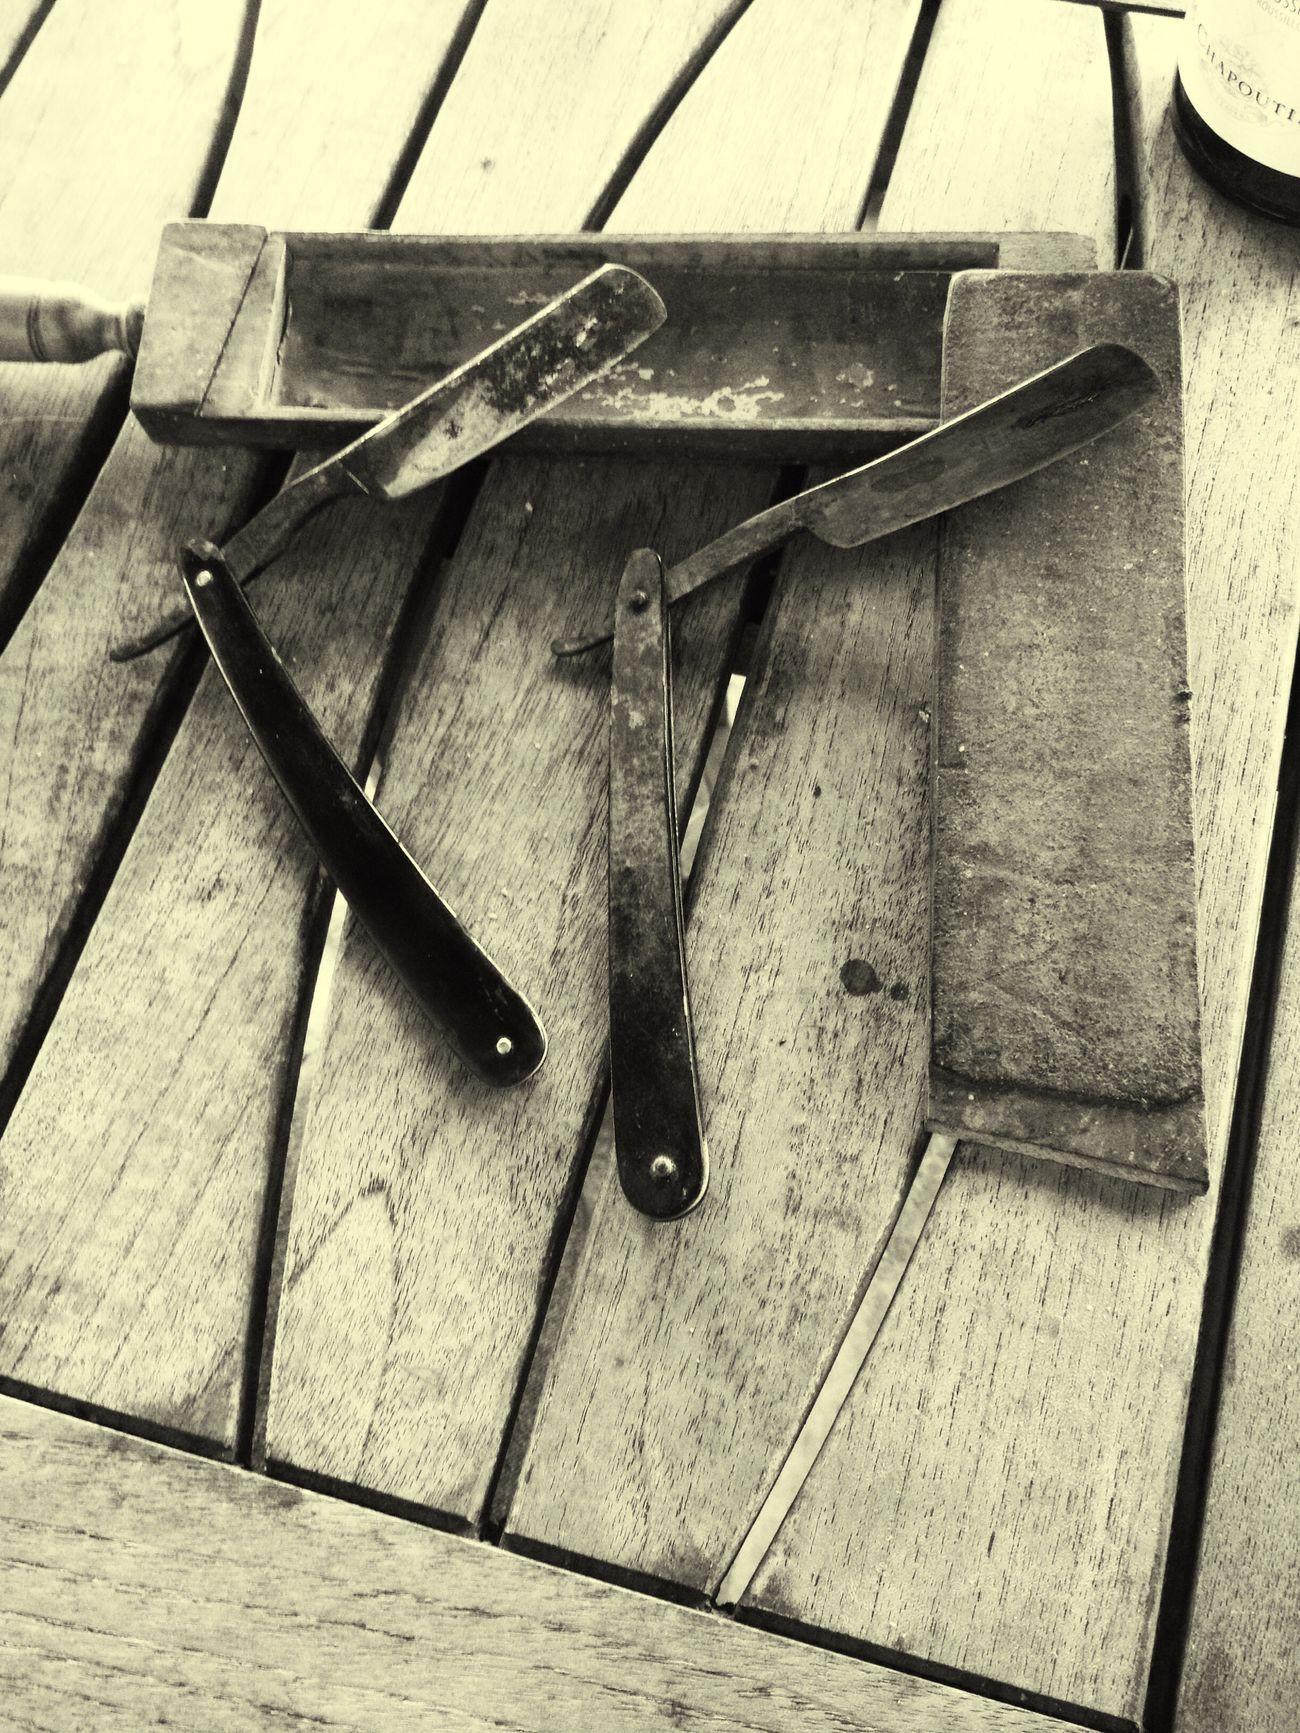 B&w Work Tool Metal Wood - Material Tool Barber Oldtime Beard Igers